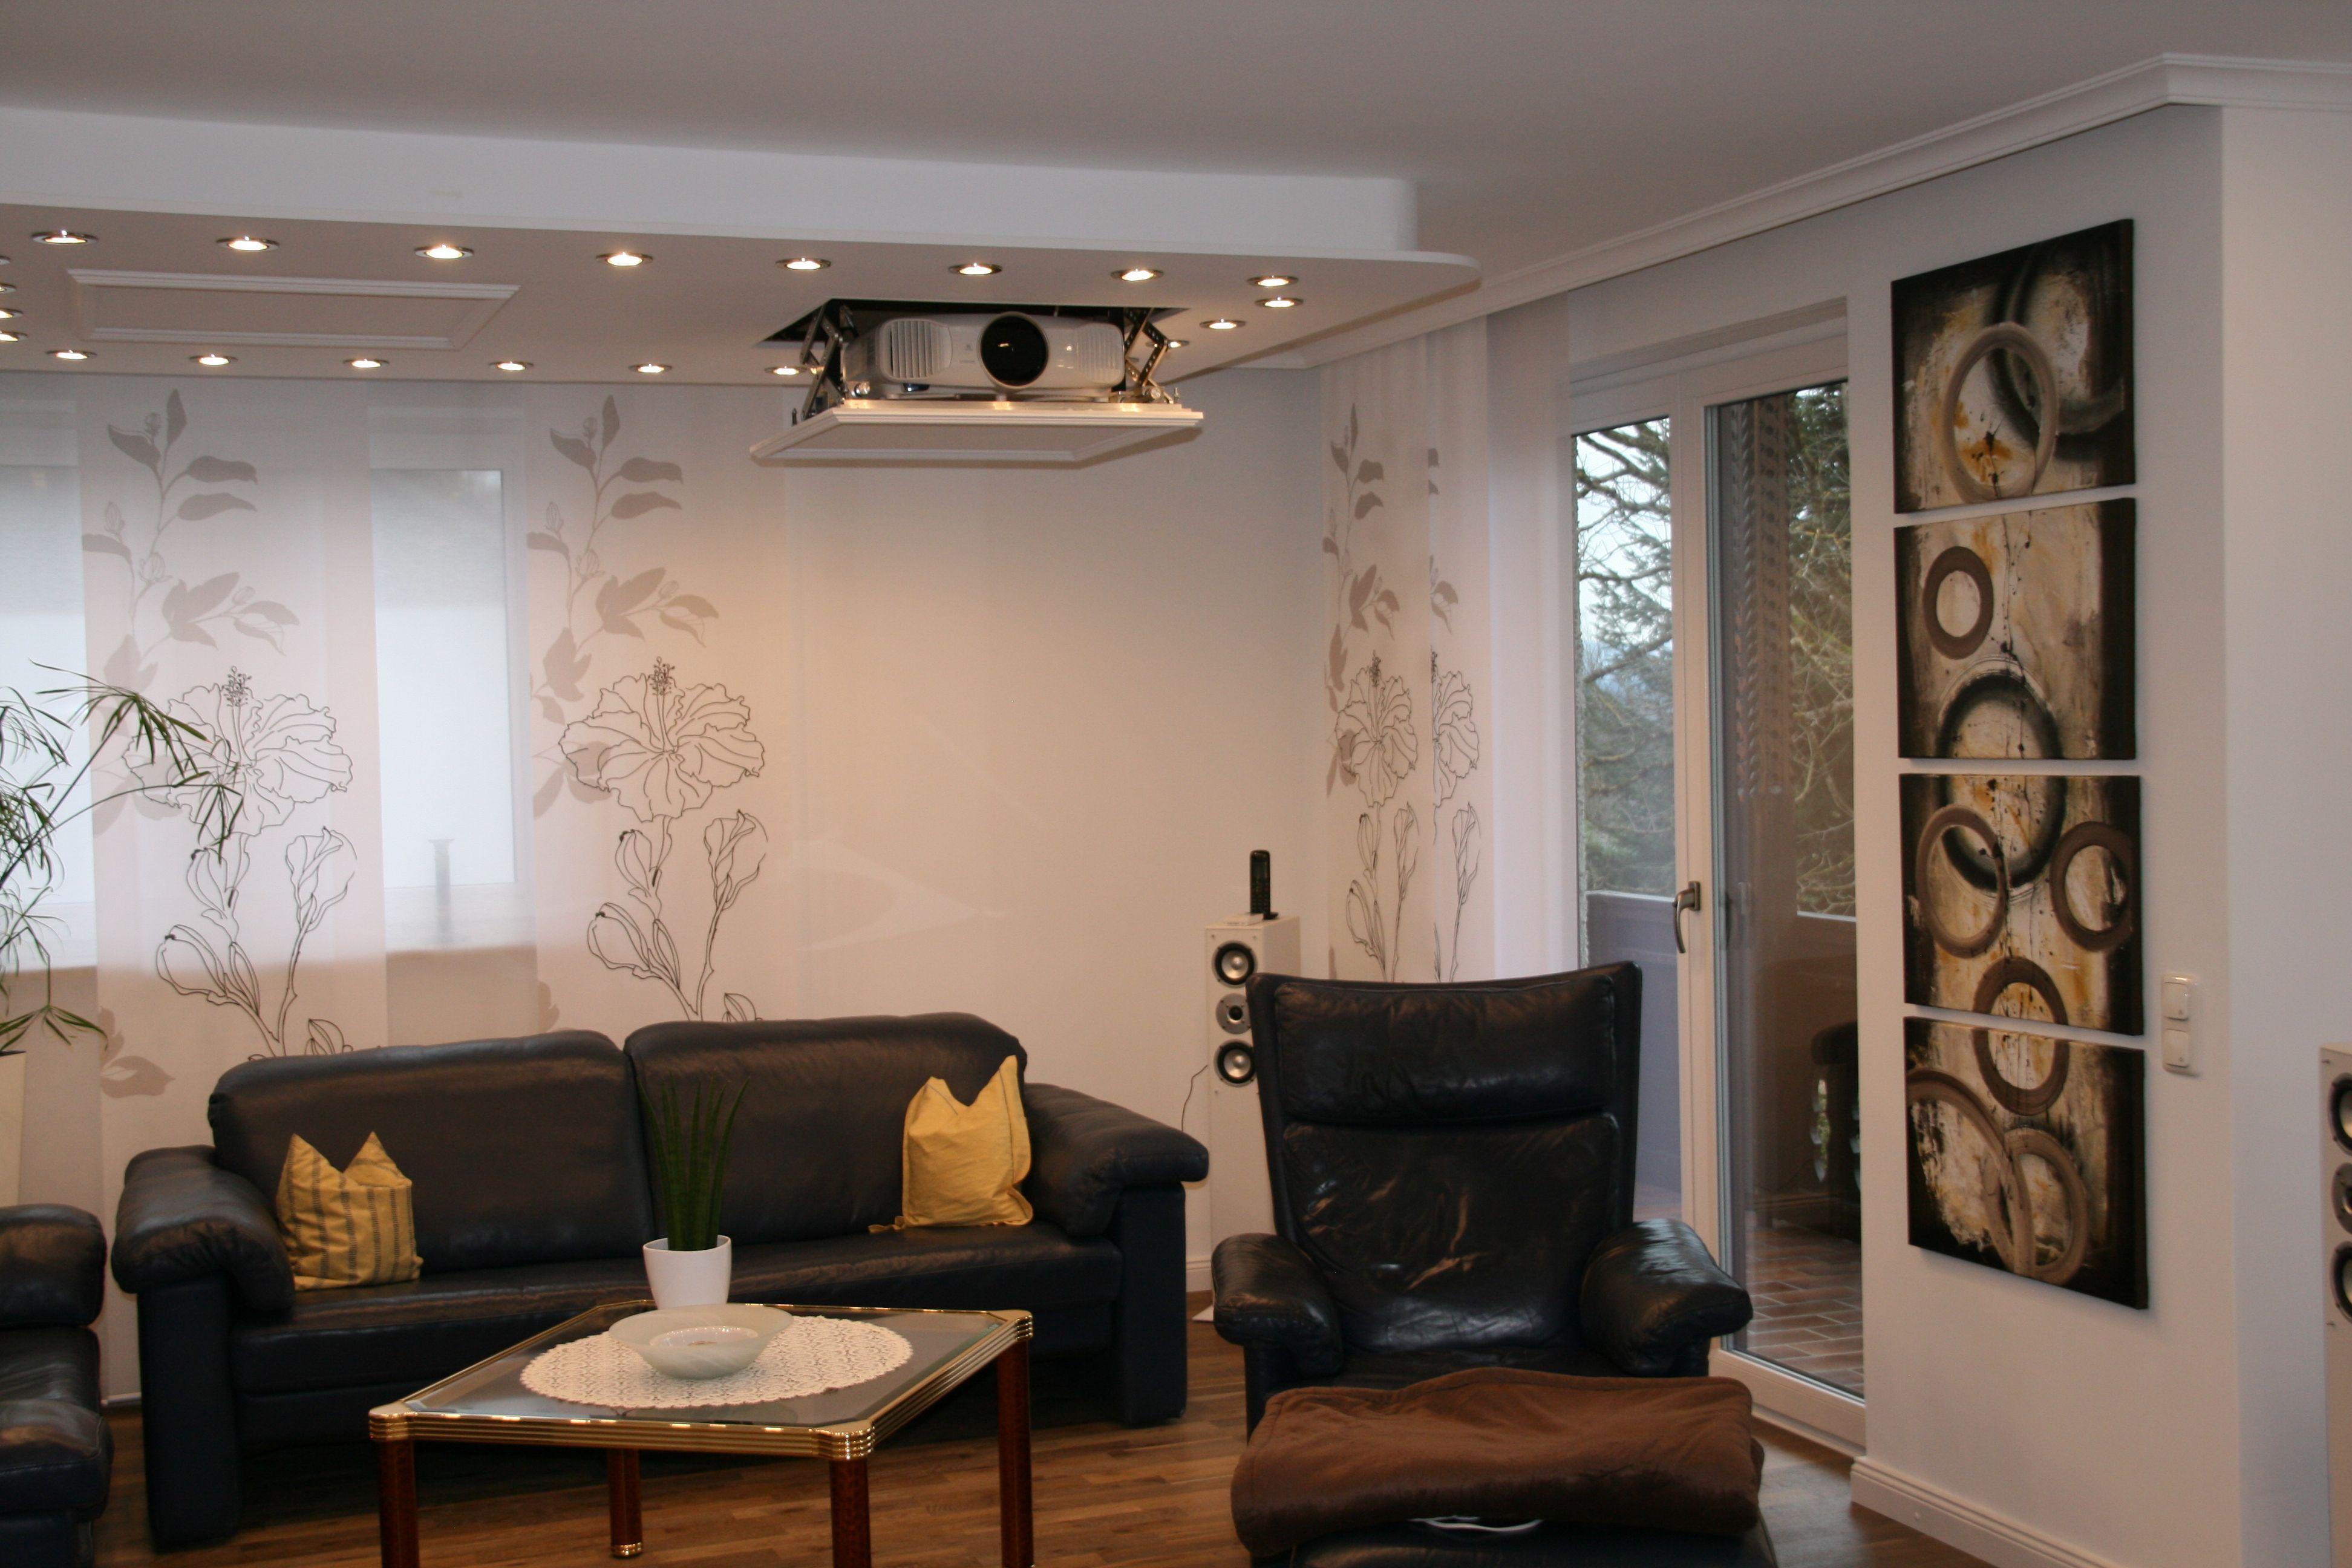 Wohnzimmer Mit Beamer ~ Pavlino.info = Wohnzimmer Design für Komfort ...